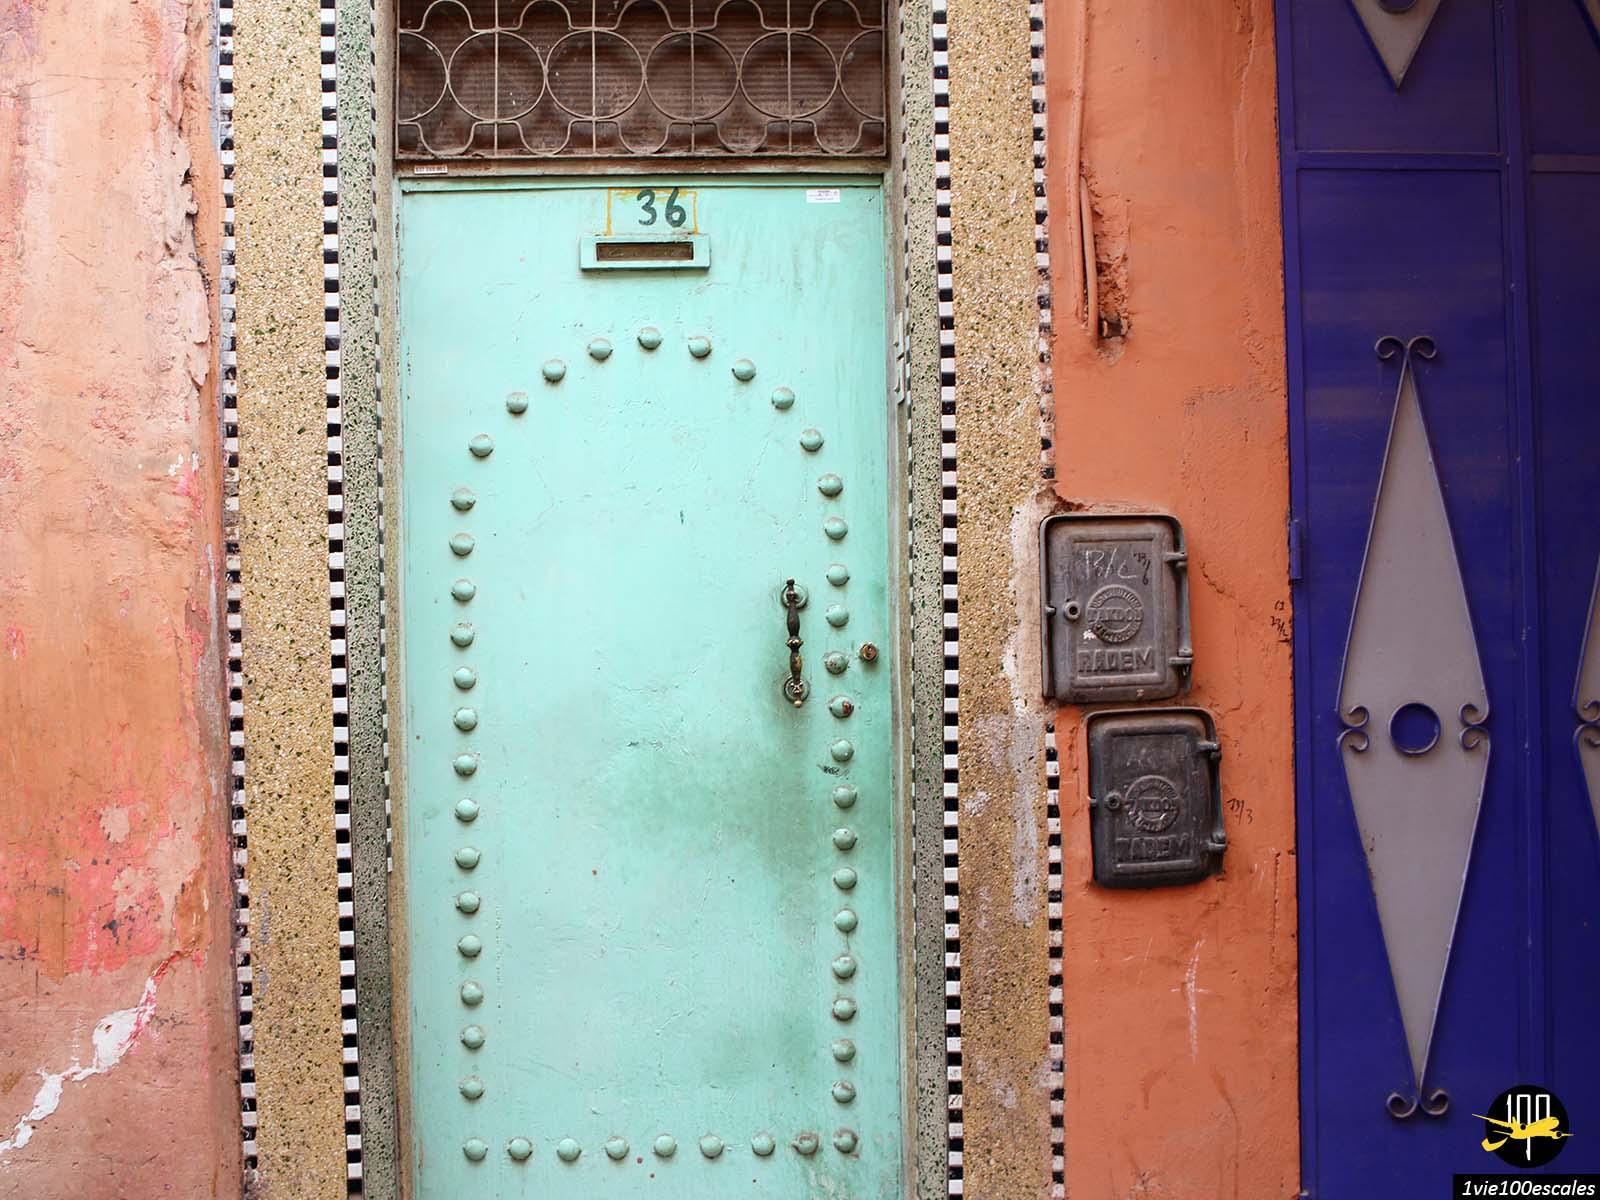 Les belles couleurs des portes dans les ruelles de Marrakech